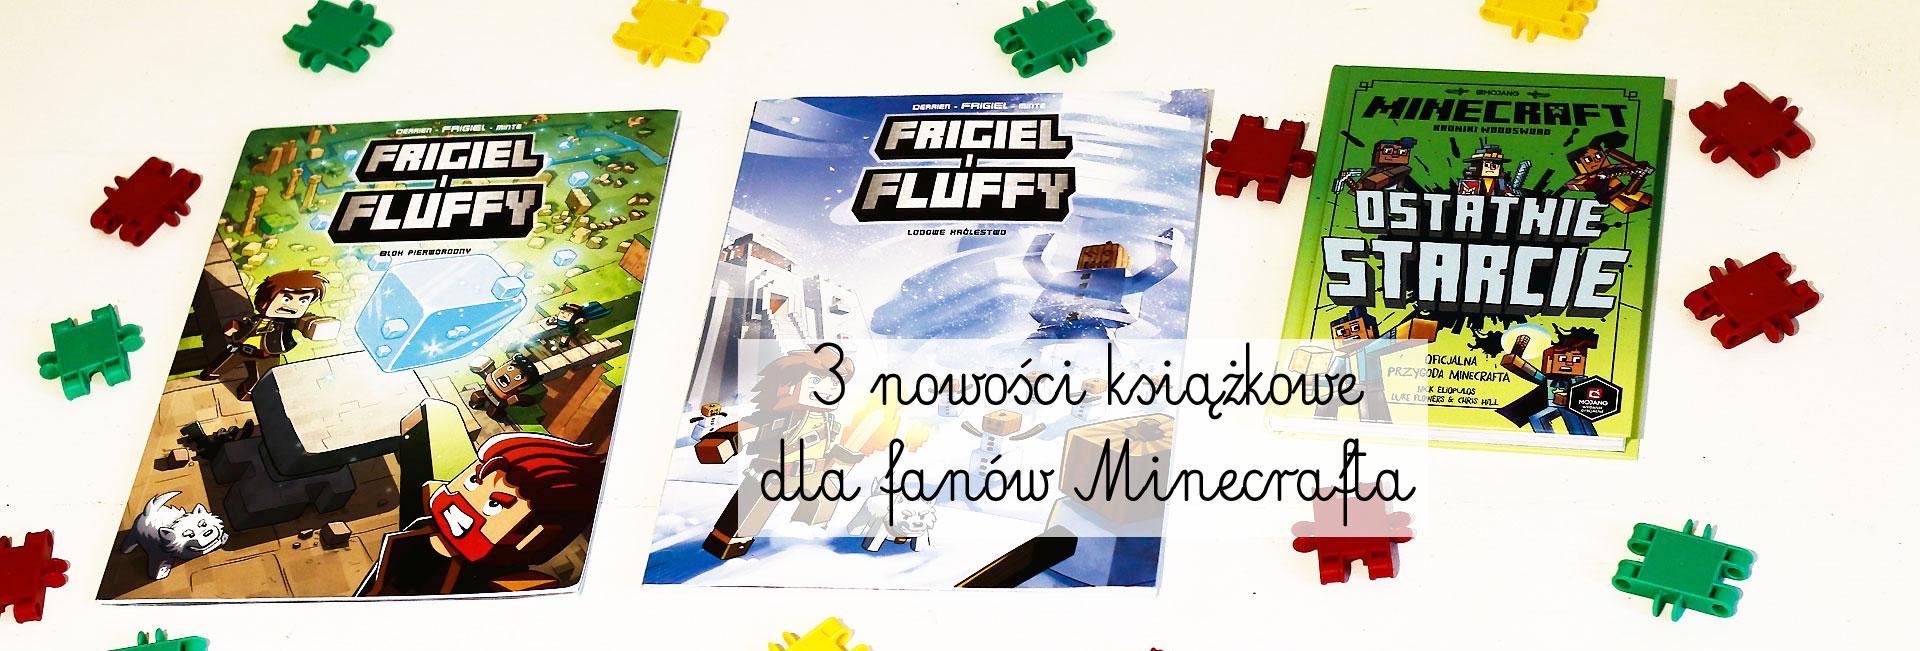 frigiel-i-fluffy-komiks--minecraft-ksiazki-dla-dzieci6